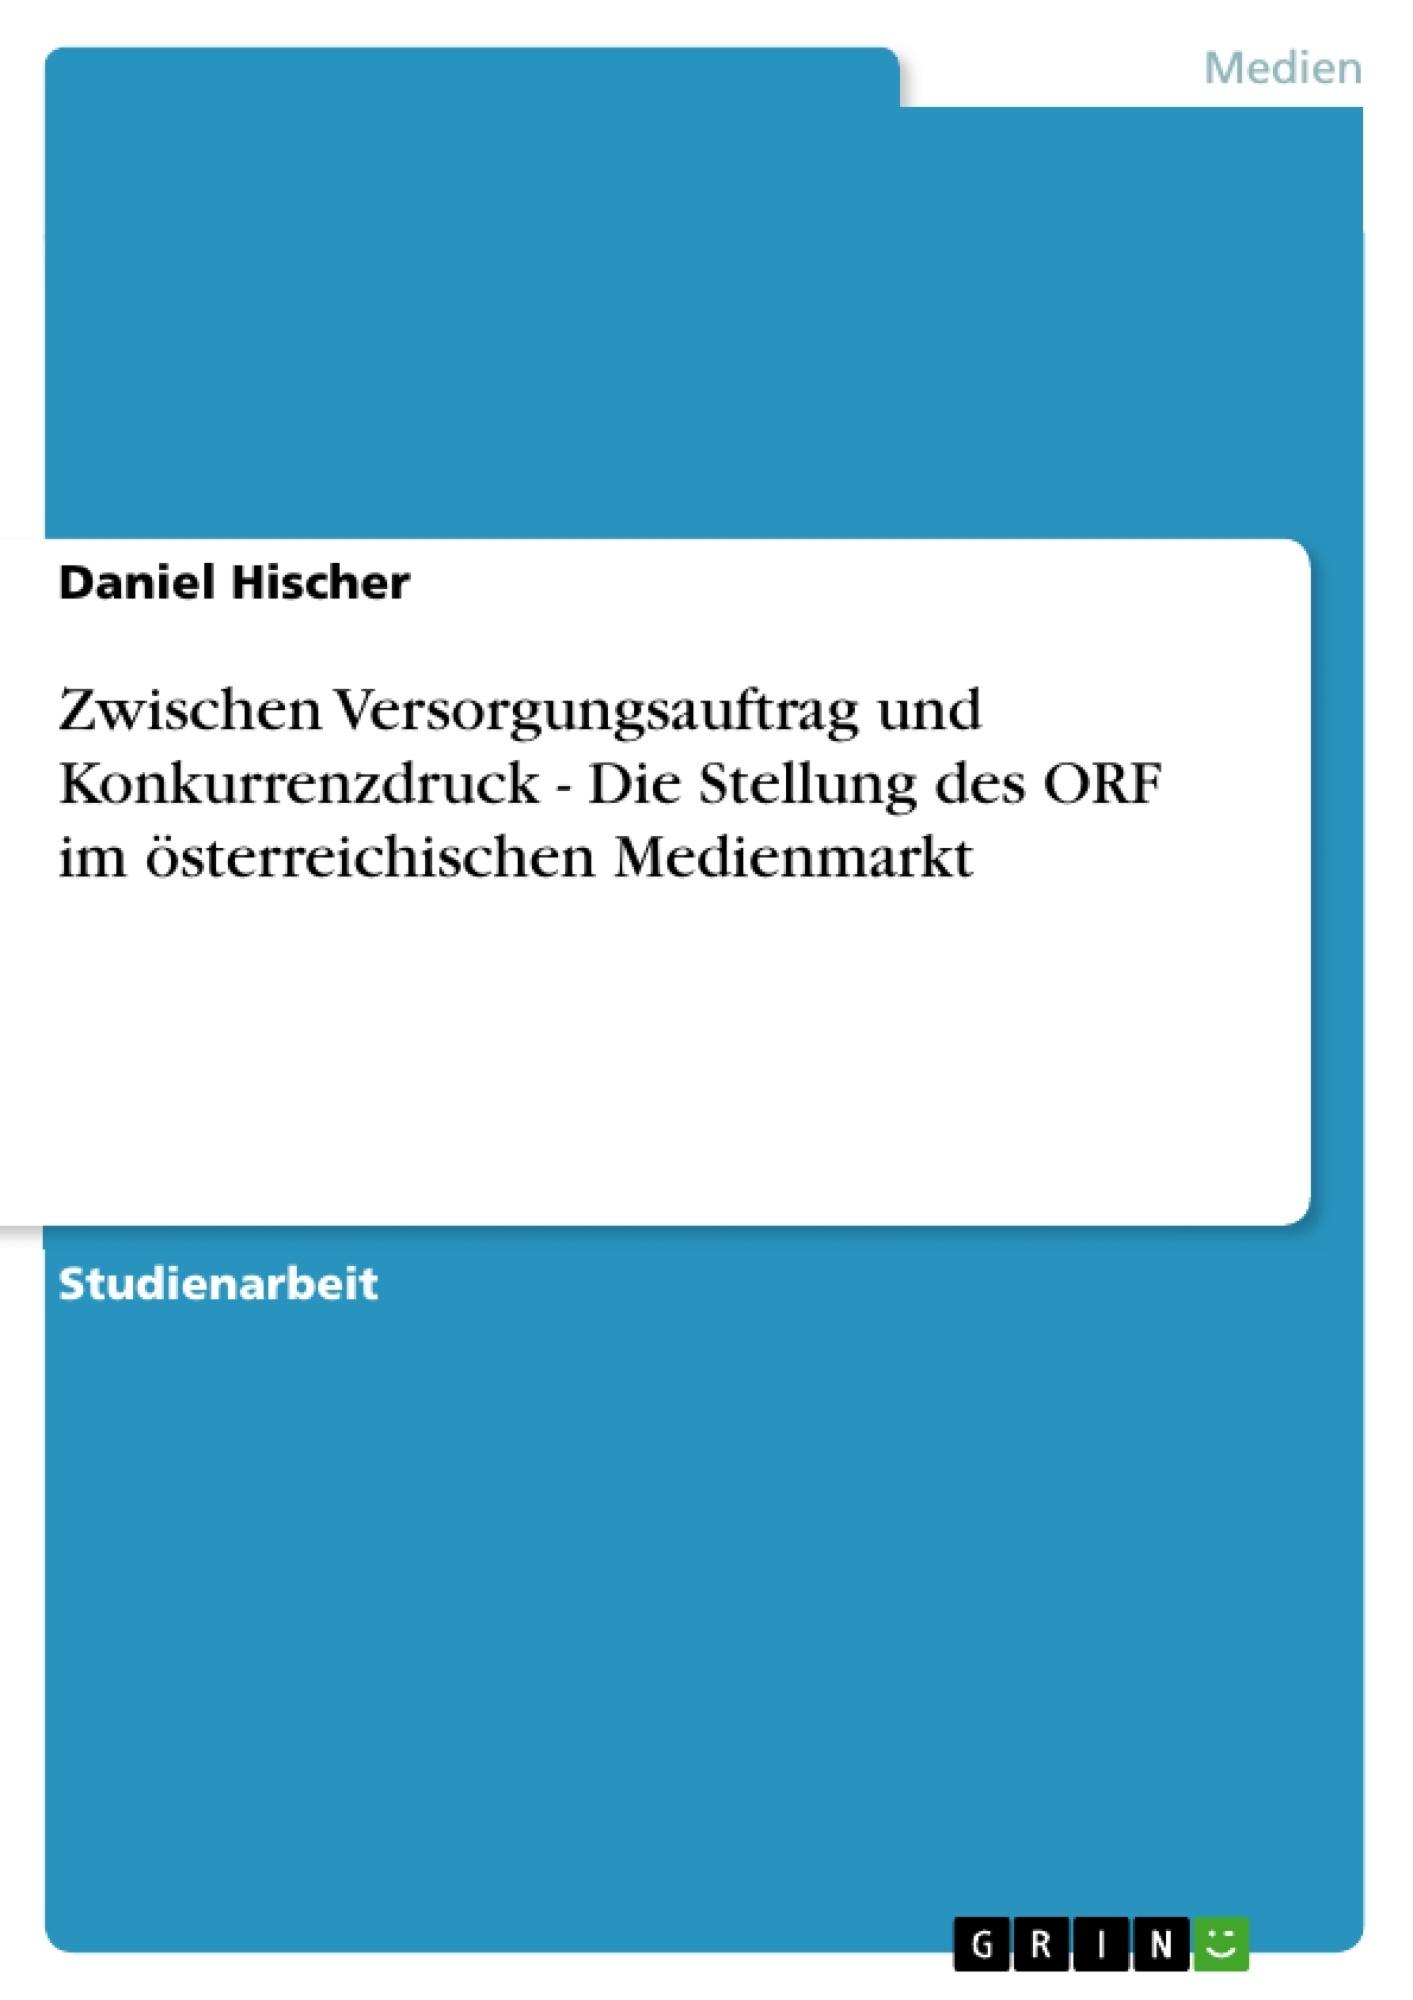 Titel: Zwischen Versorgungsauftrag und Konkurrenzdruck - Die Stellung des ORF im österreichischen Medienmarkt